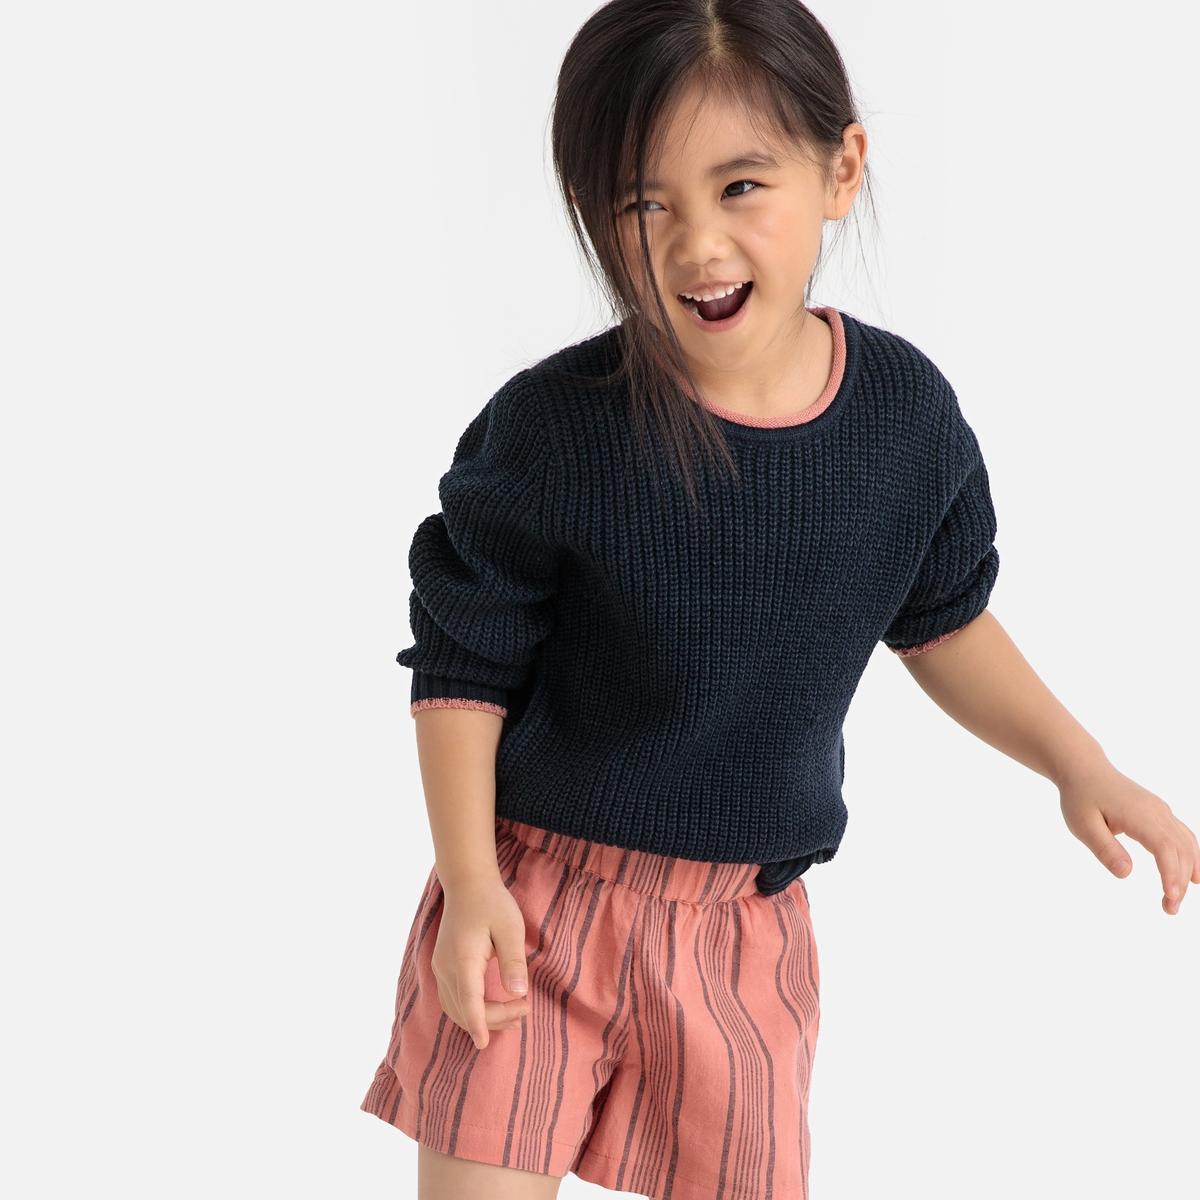 Пуловер La Redoute С круглым вырезом из тонкого трикотажа 12 лет -150 см синий пуловер la redoute с круглым вырезом и надписью из пайеток 12 лет 150 см розовый